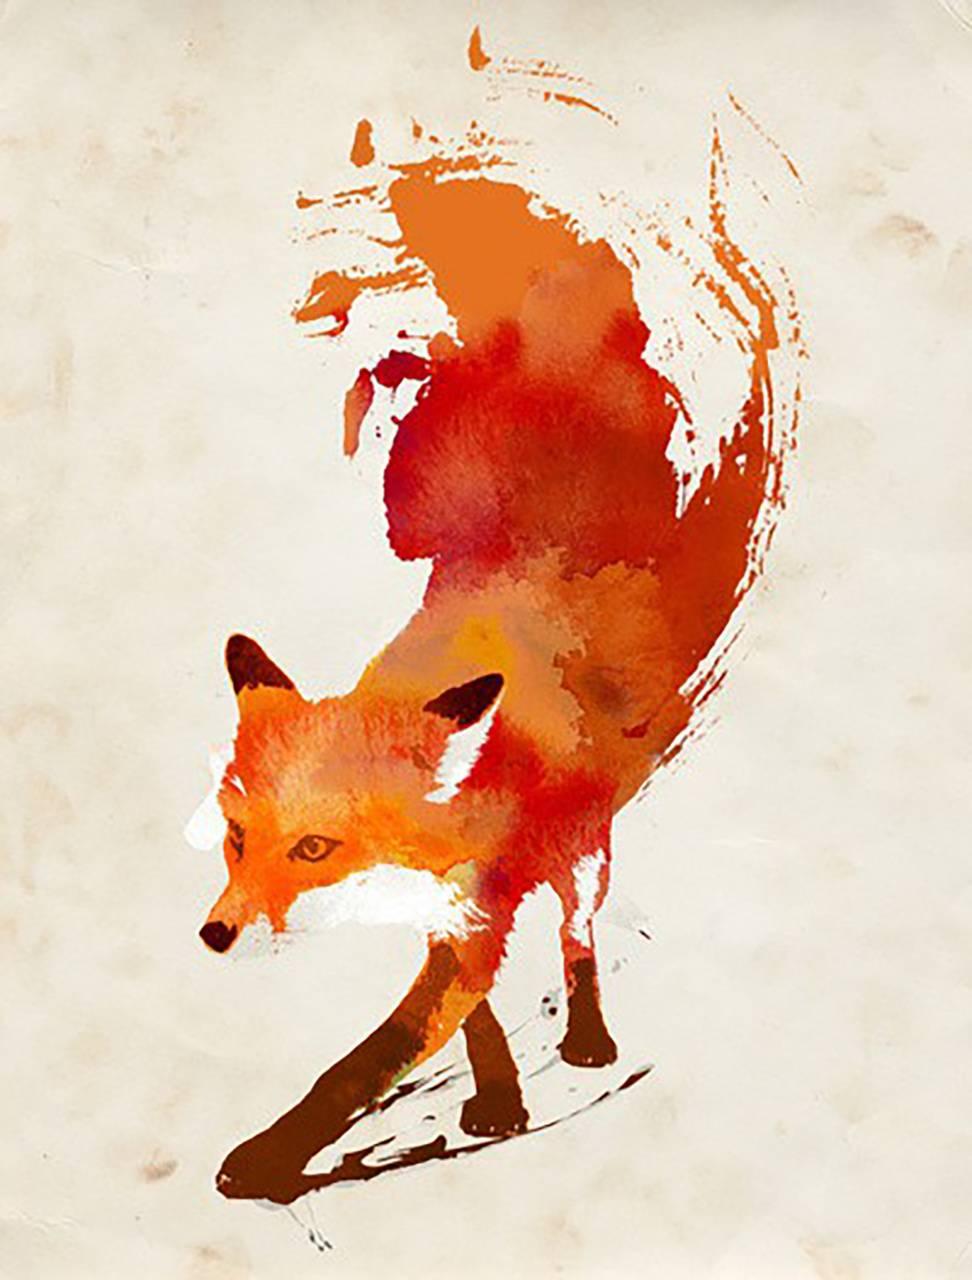 LegendaryFox